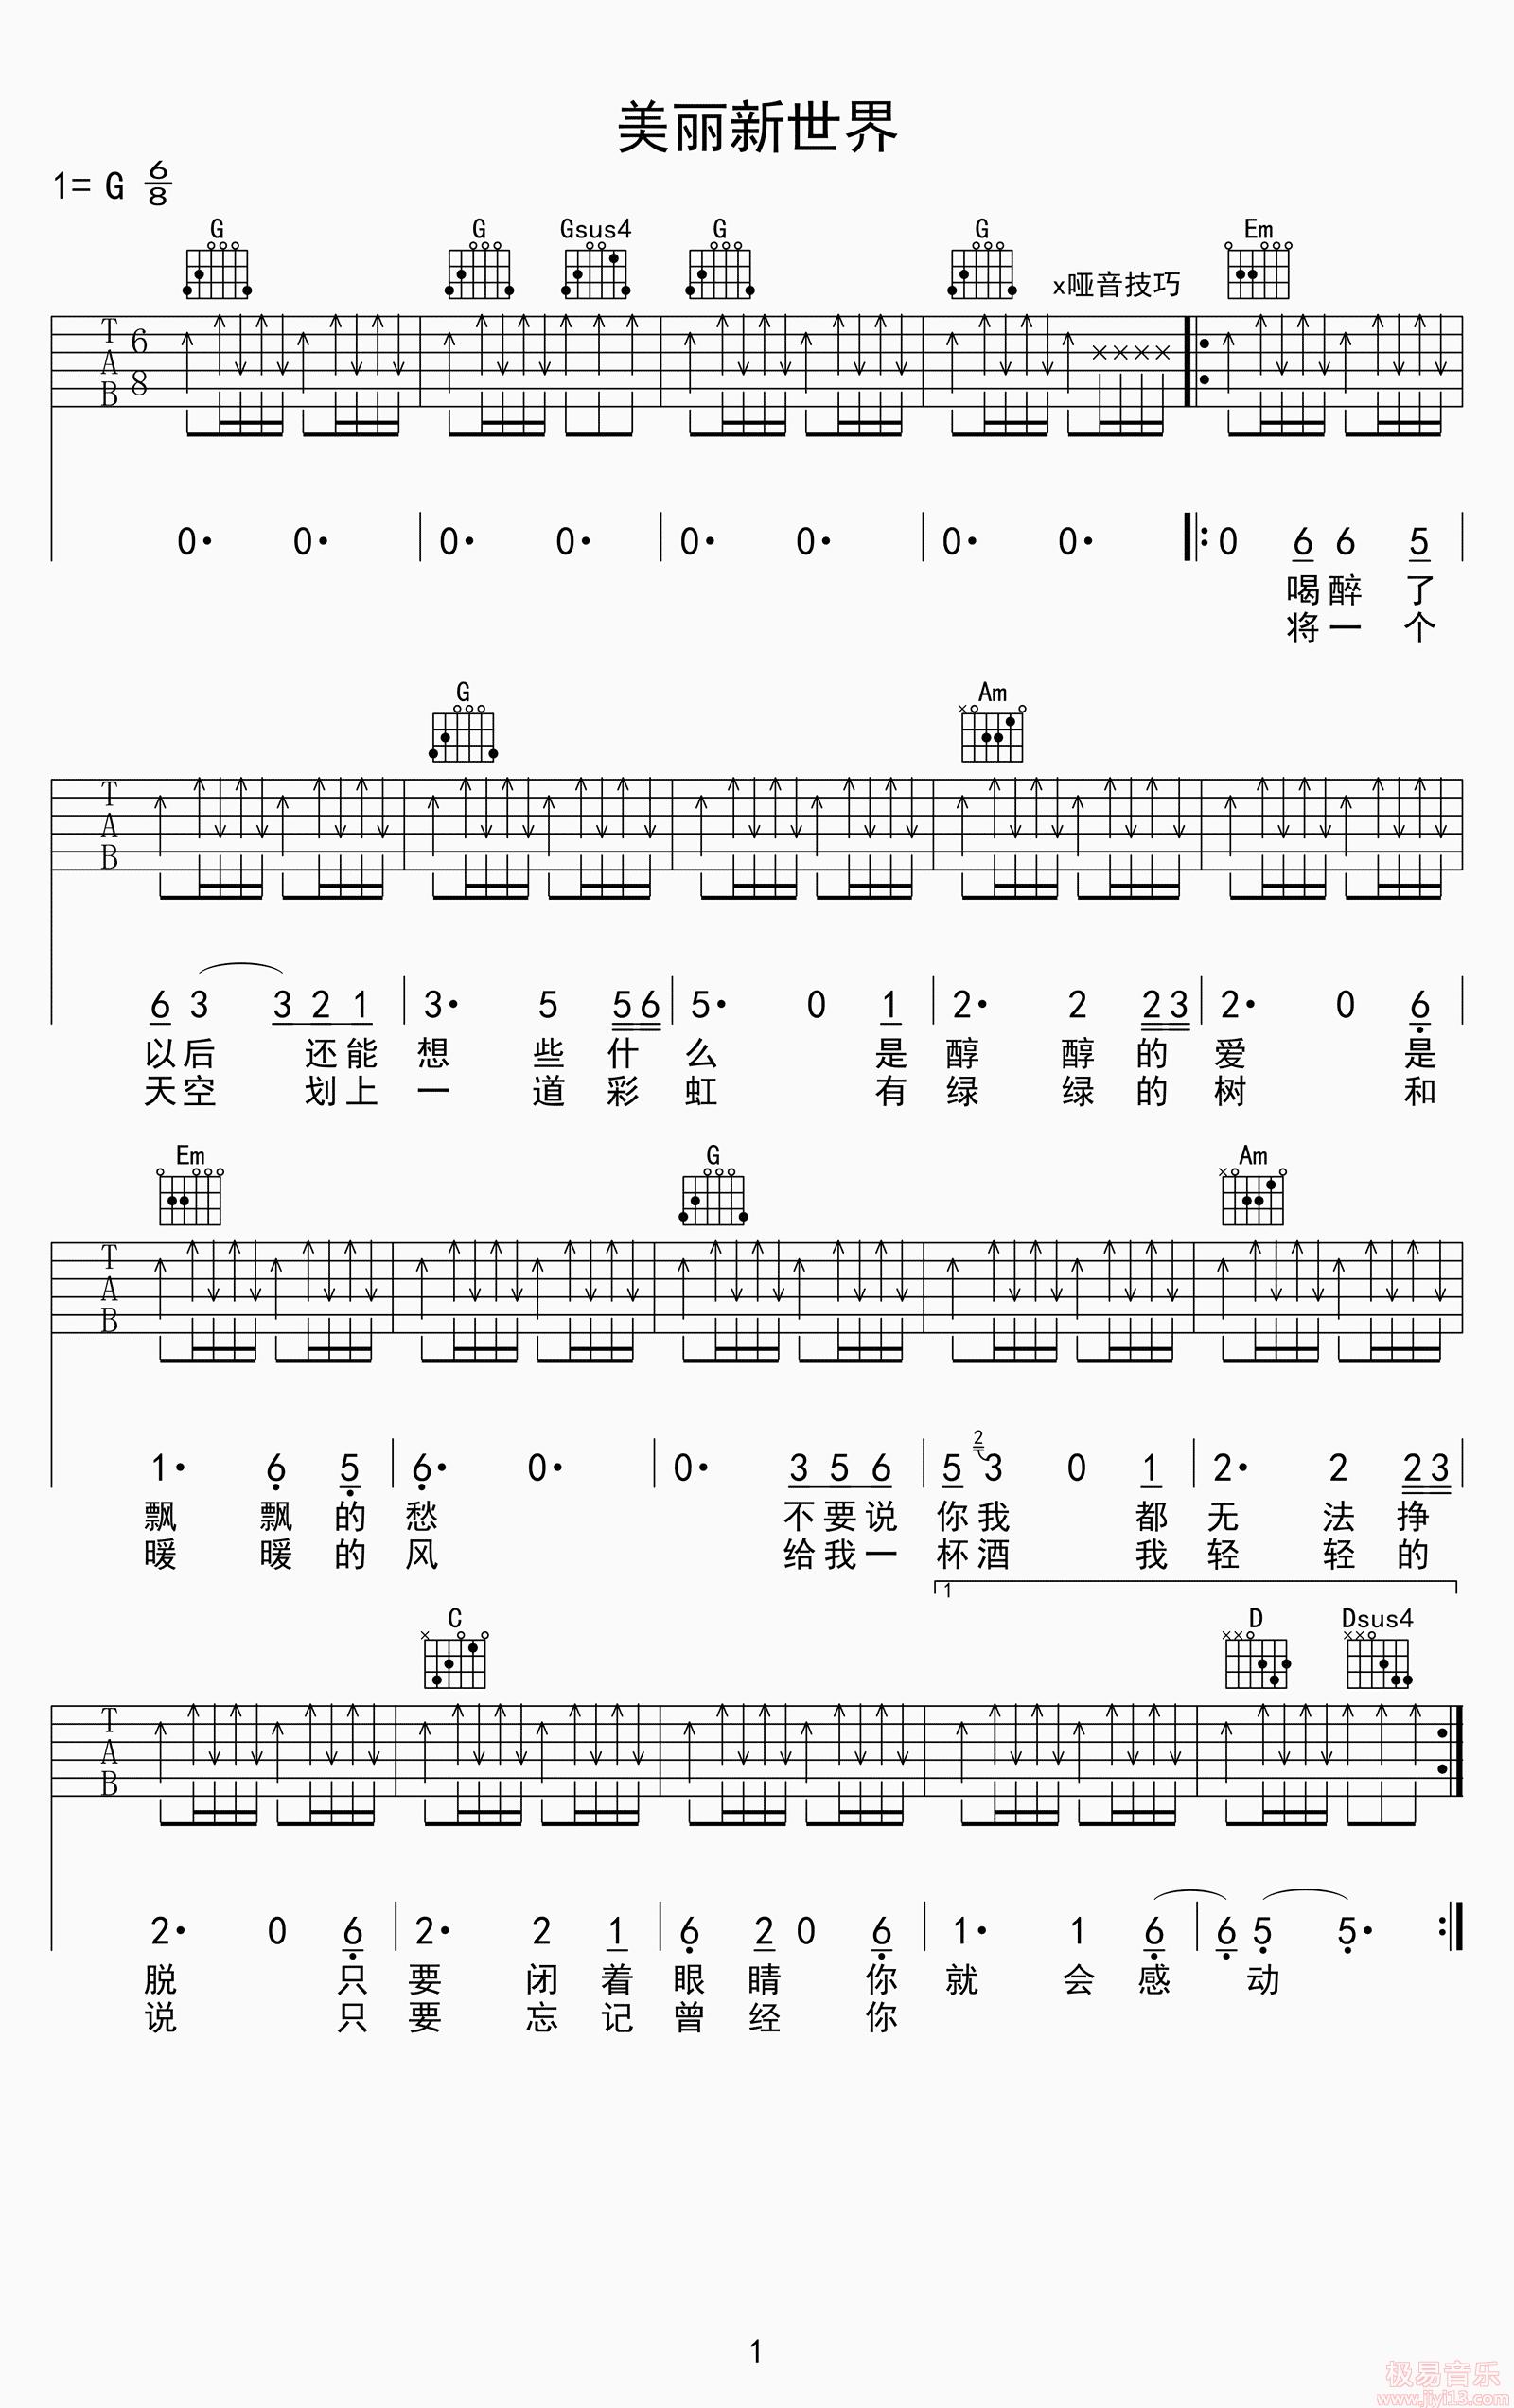 伍佰《美丽新世界》高清吉他弹唱谱G调完美版原版编配+视频示范【两个版本】